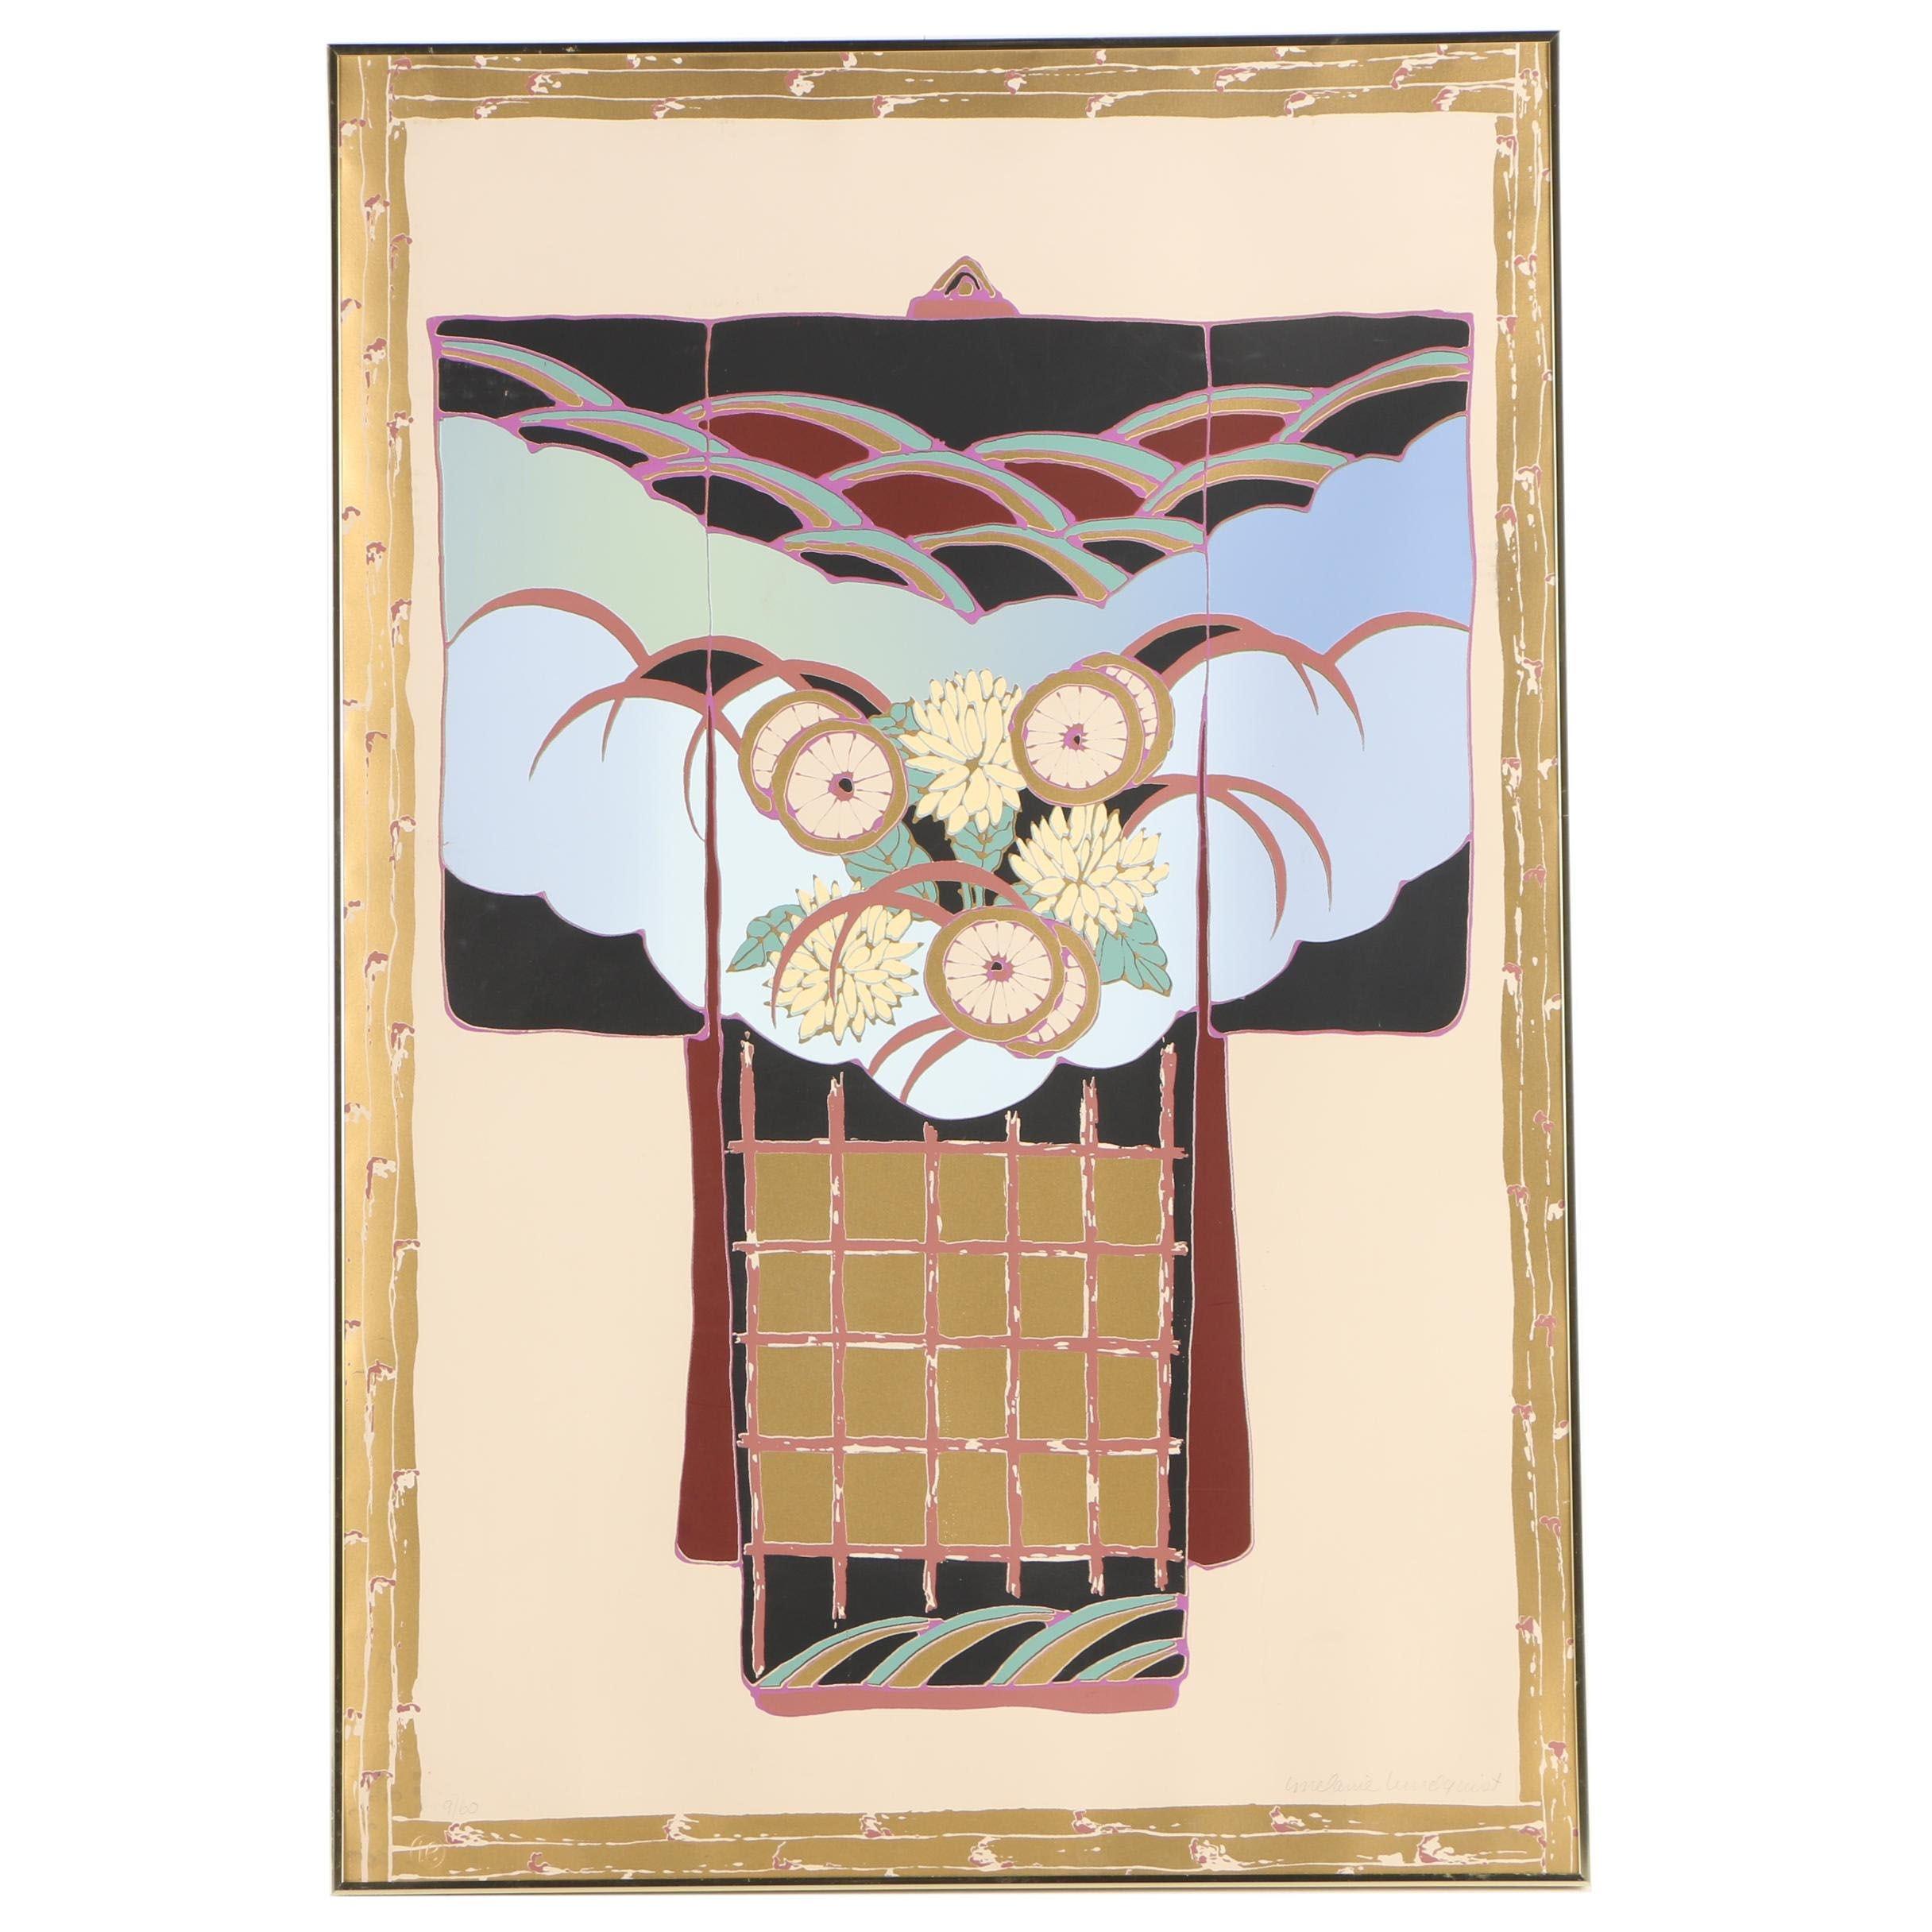 Melanie Lundquist Limited Edition Serigraph of a Kimono